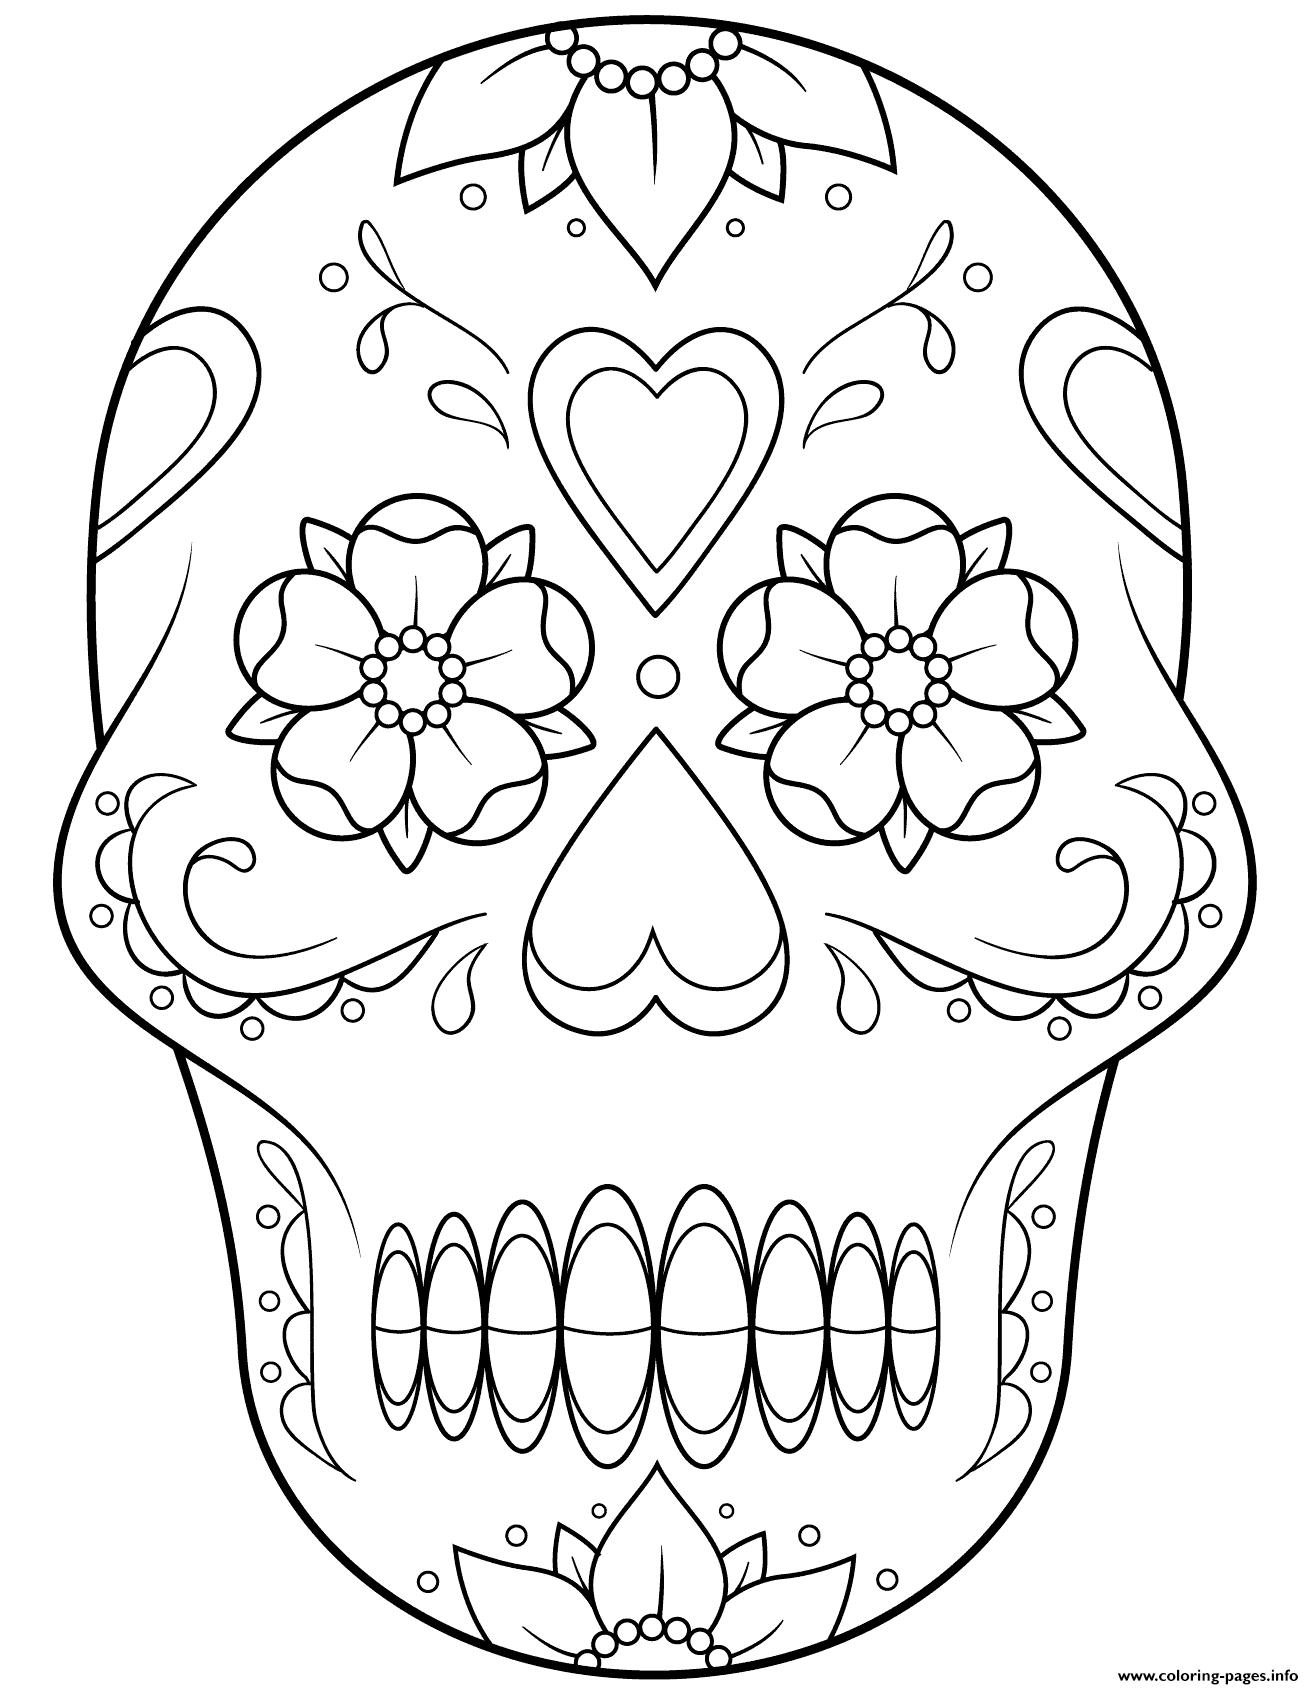 Print Sugar Skull 2 Calavera Coloring Pages